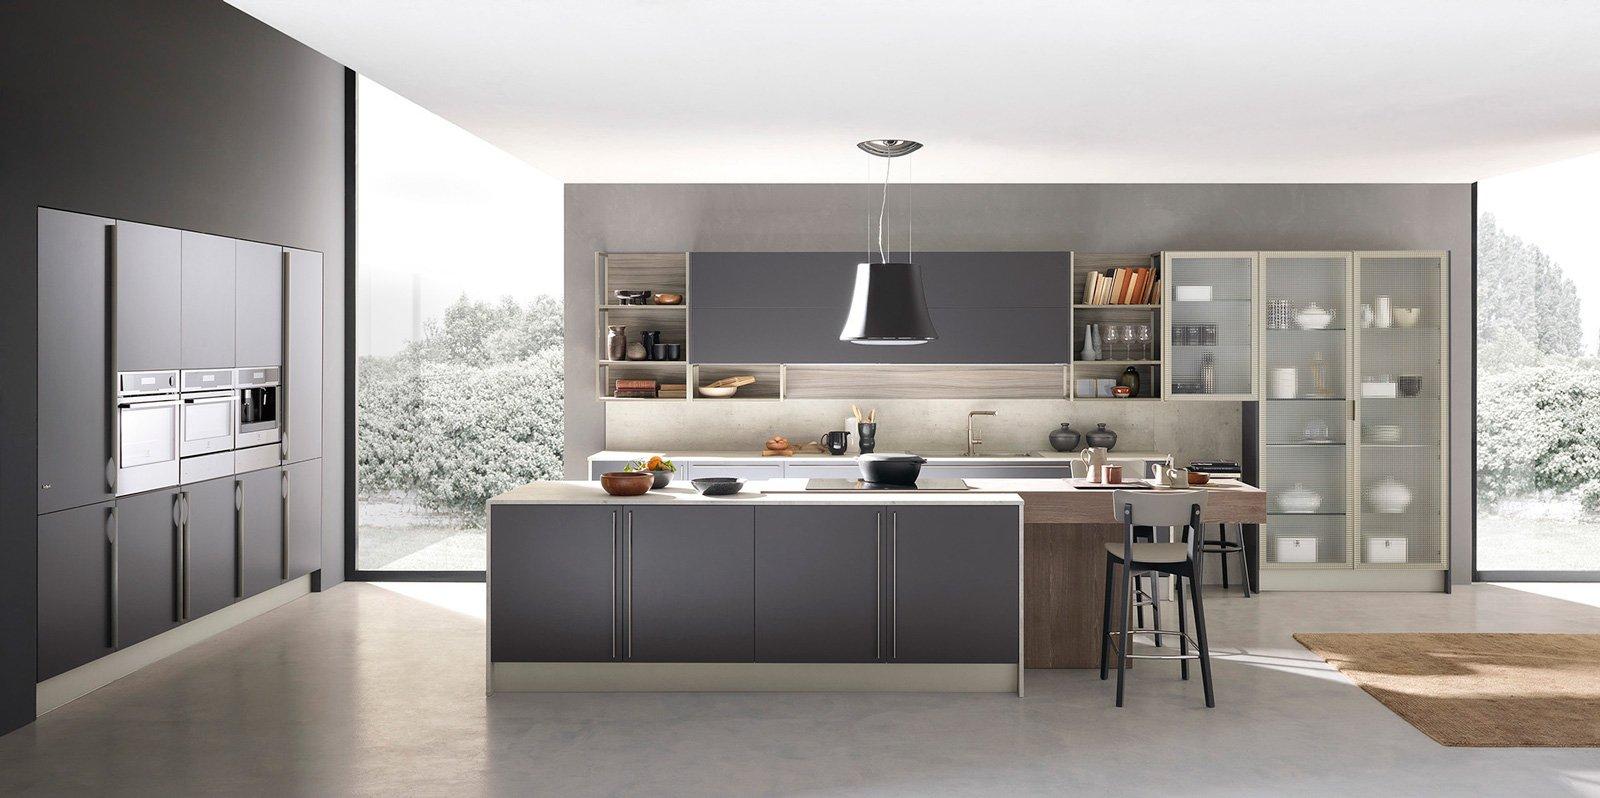 Piani di lavoro innovativi per la cucina cose di casa for Piani modulari per casa artigiani